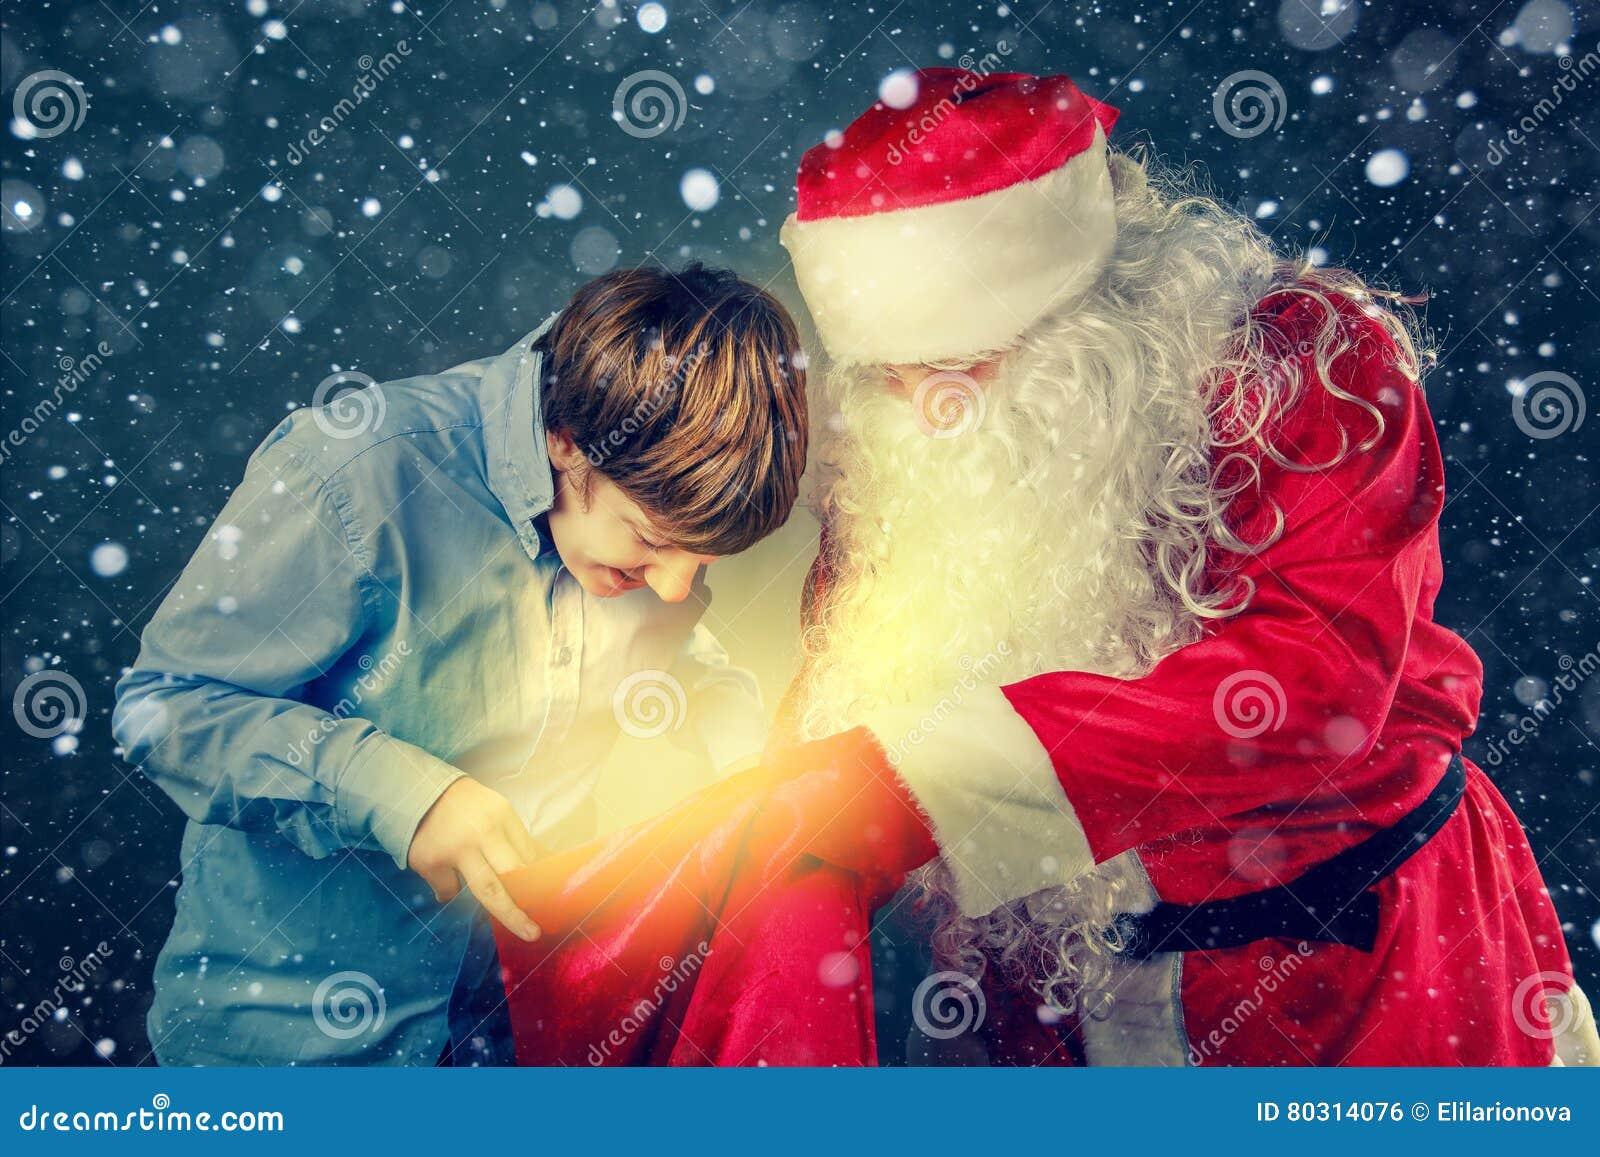 Подлинный Санта Клаус принес подарки